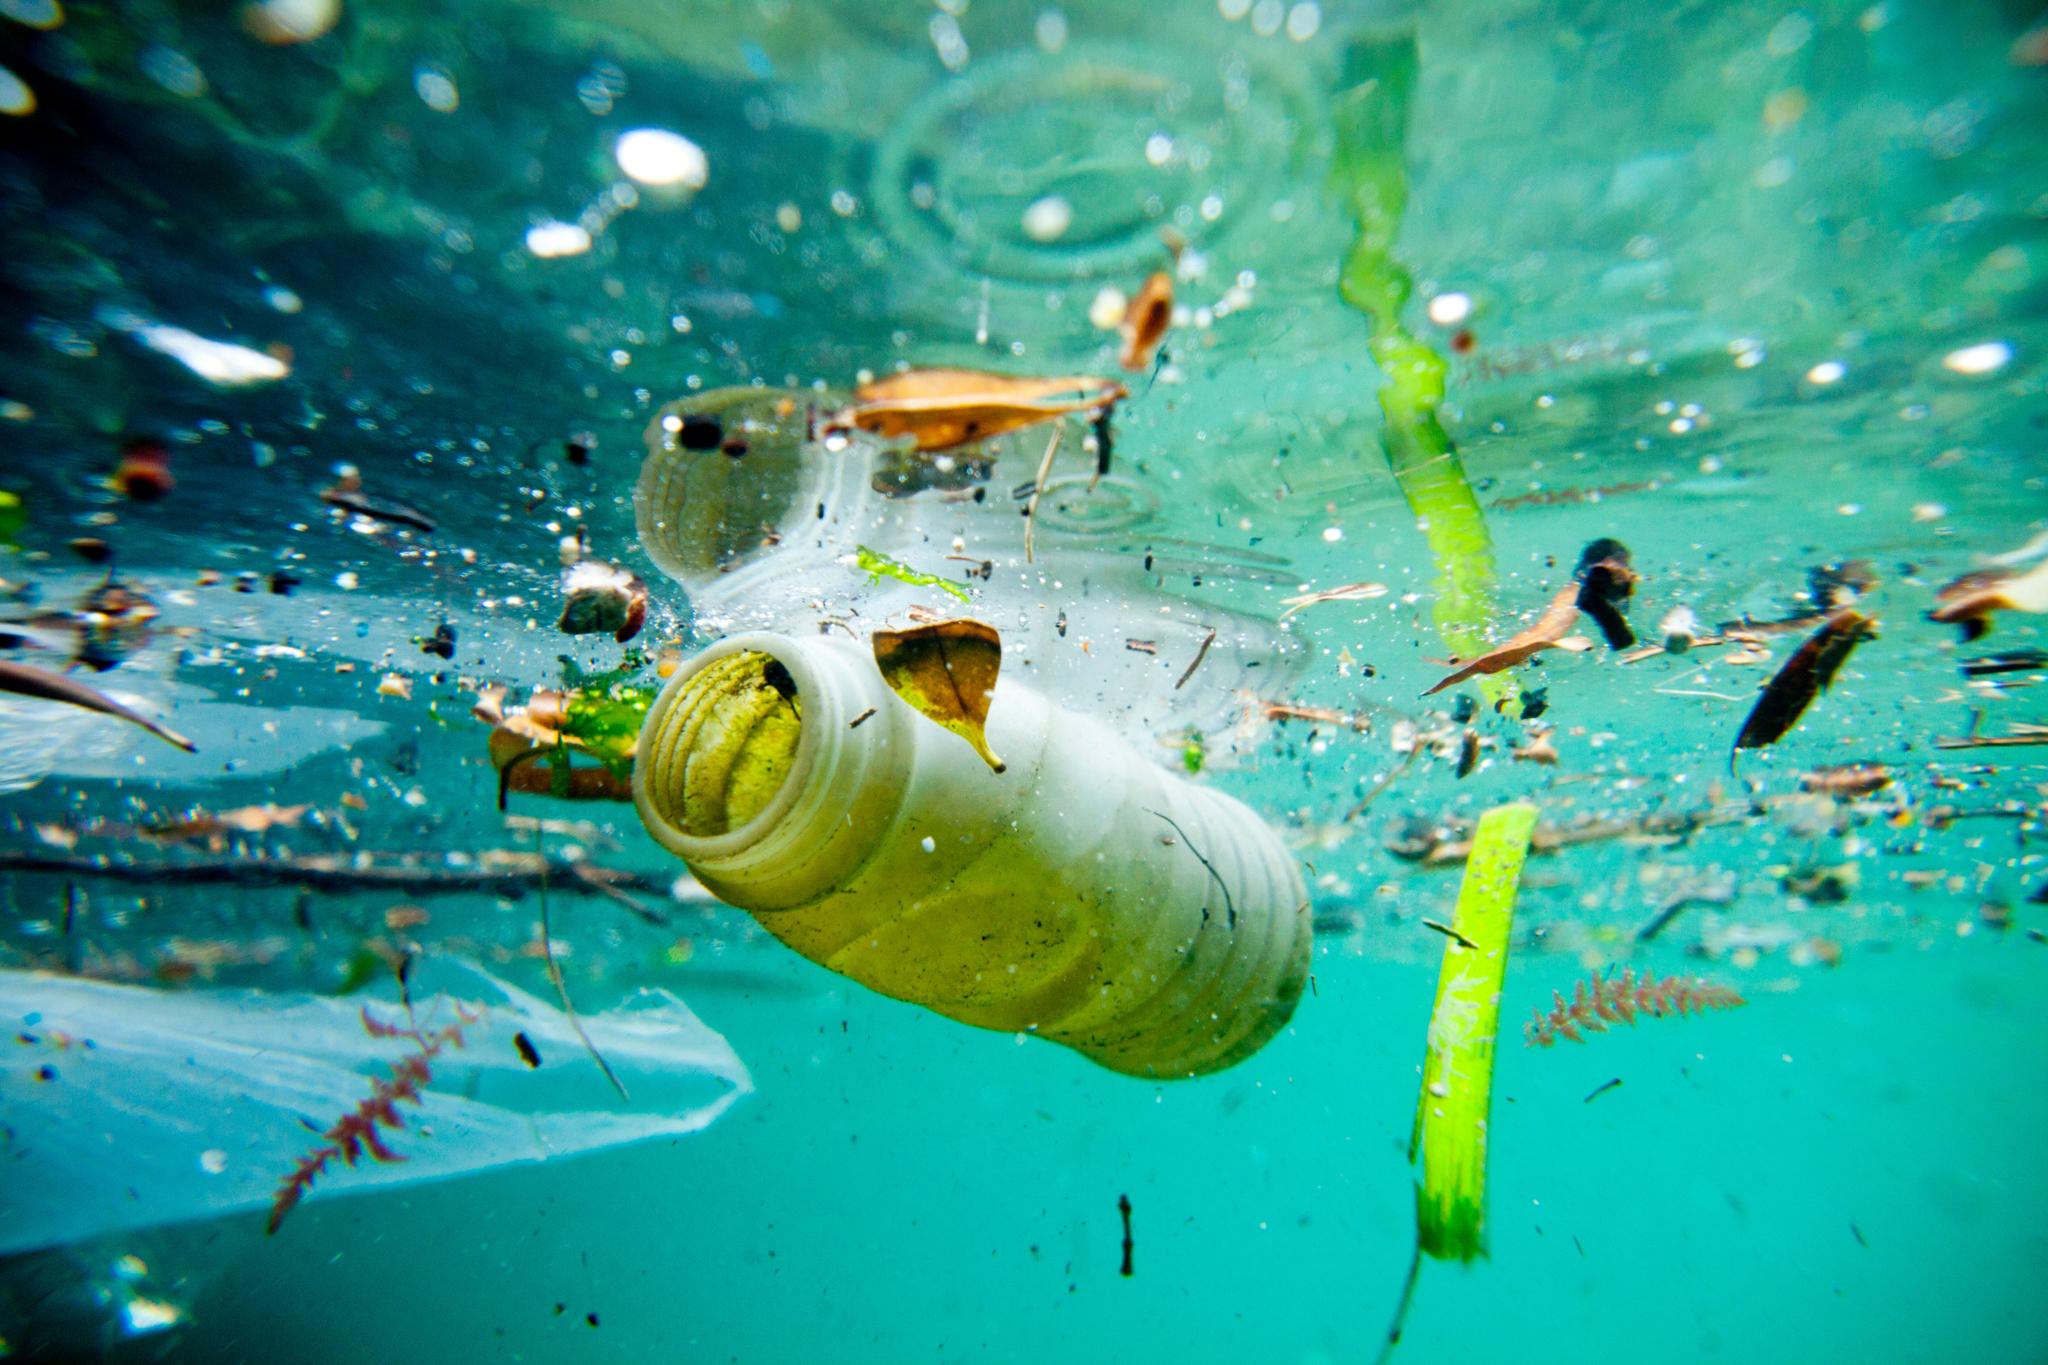 Bouteille en plastique flottant dans la mer (© Aurora Photos/Alamy Stock Photo)